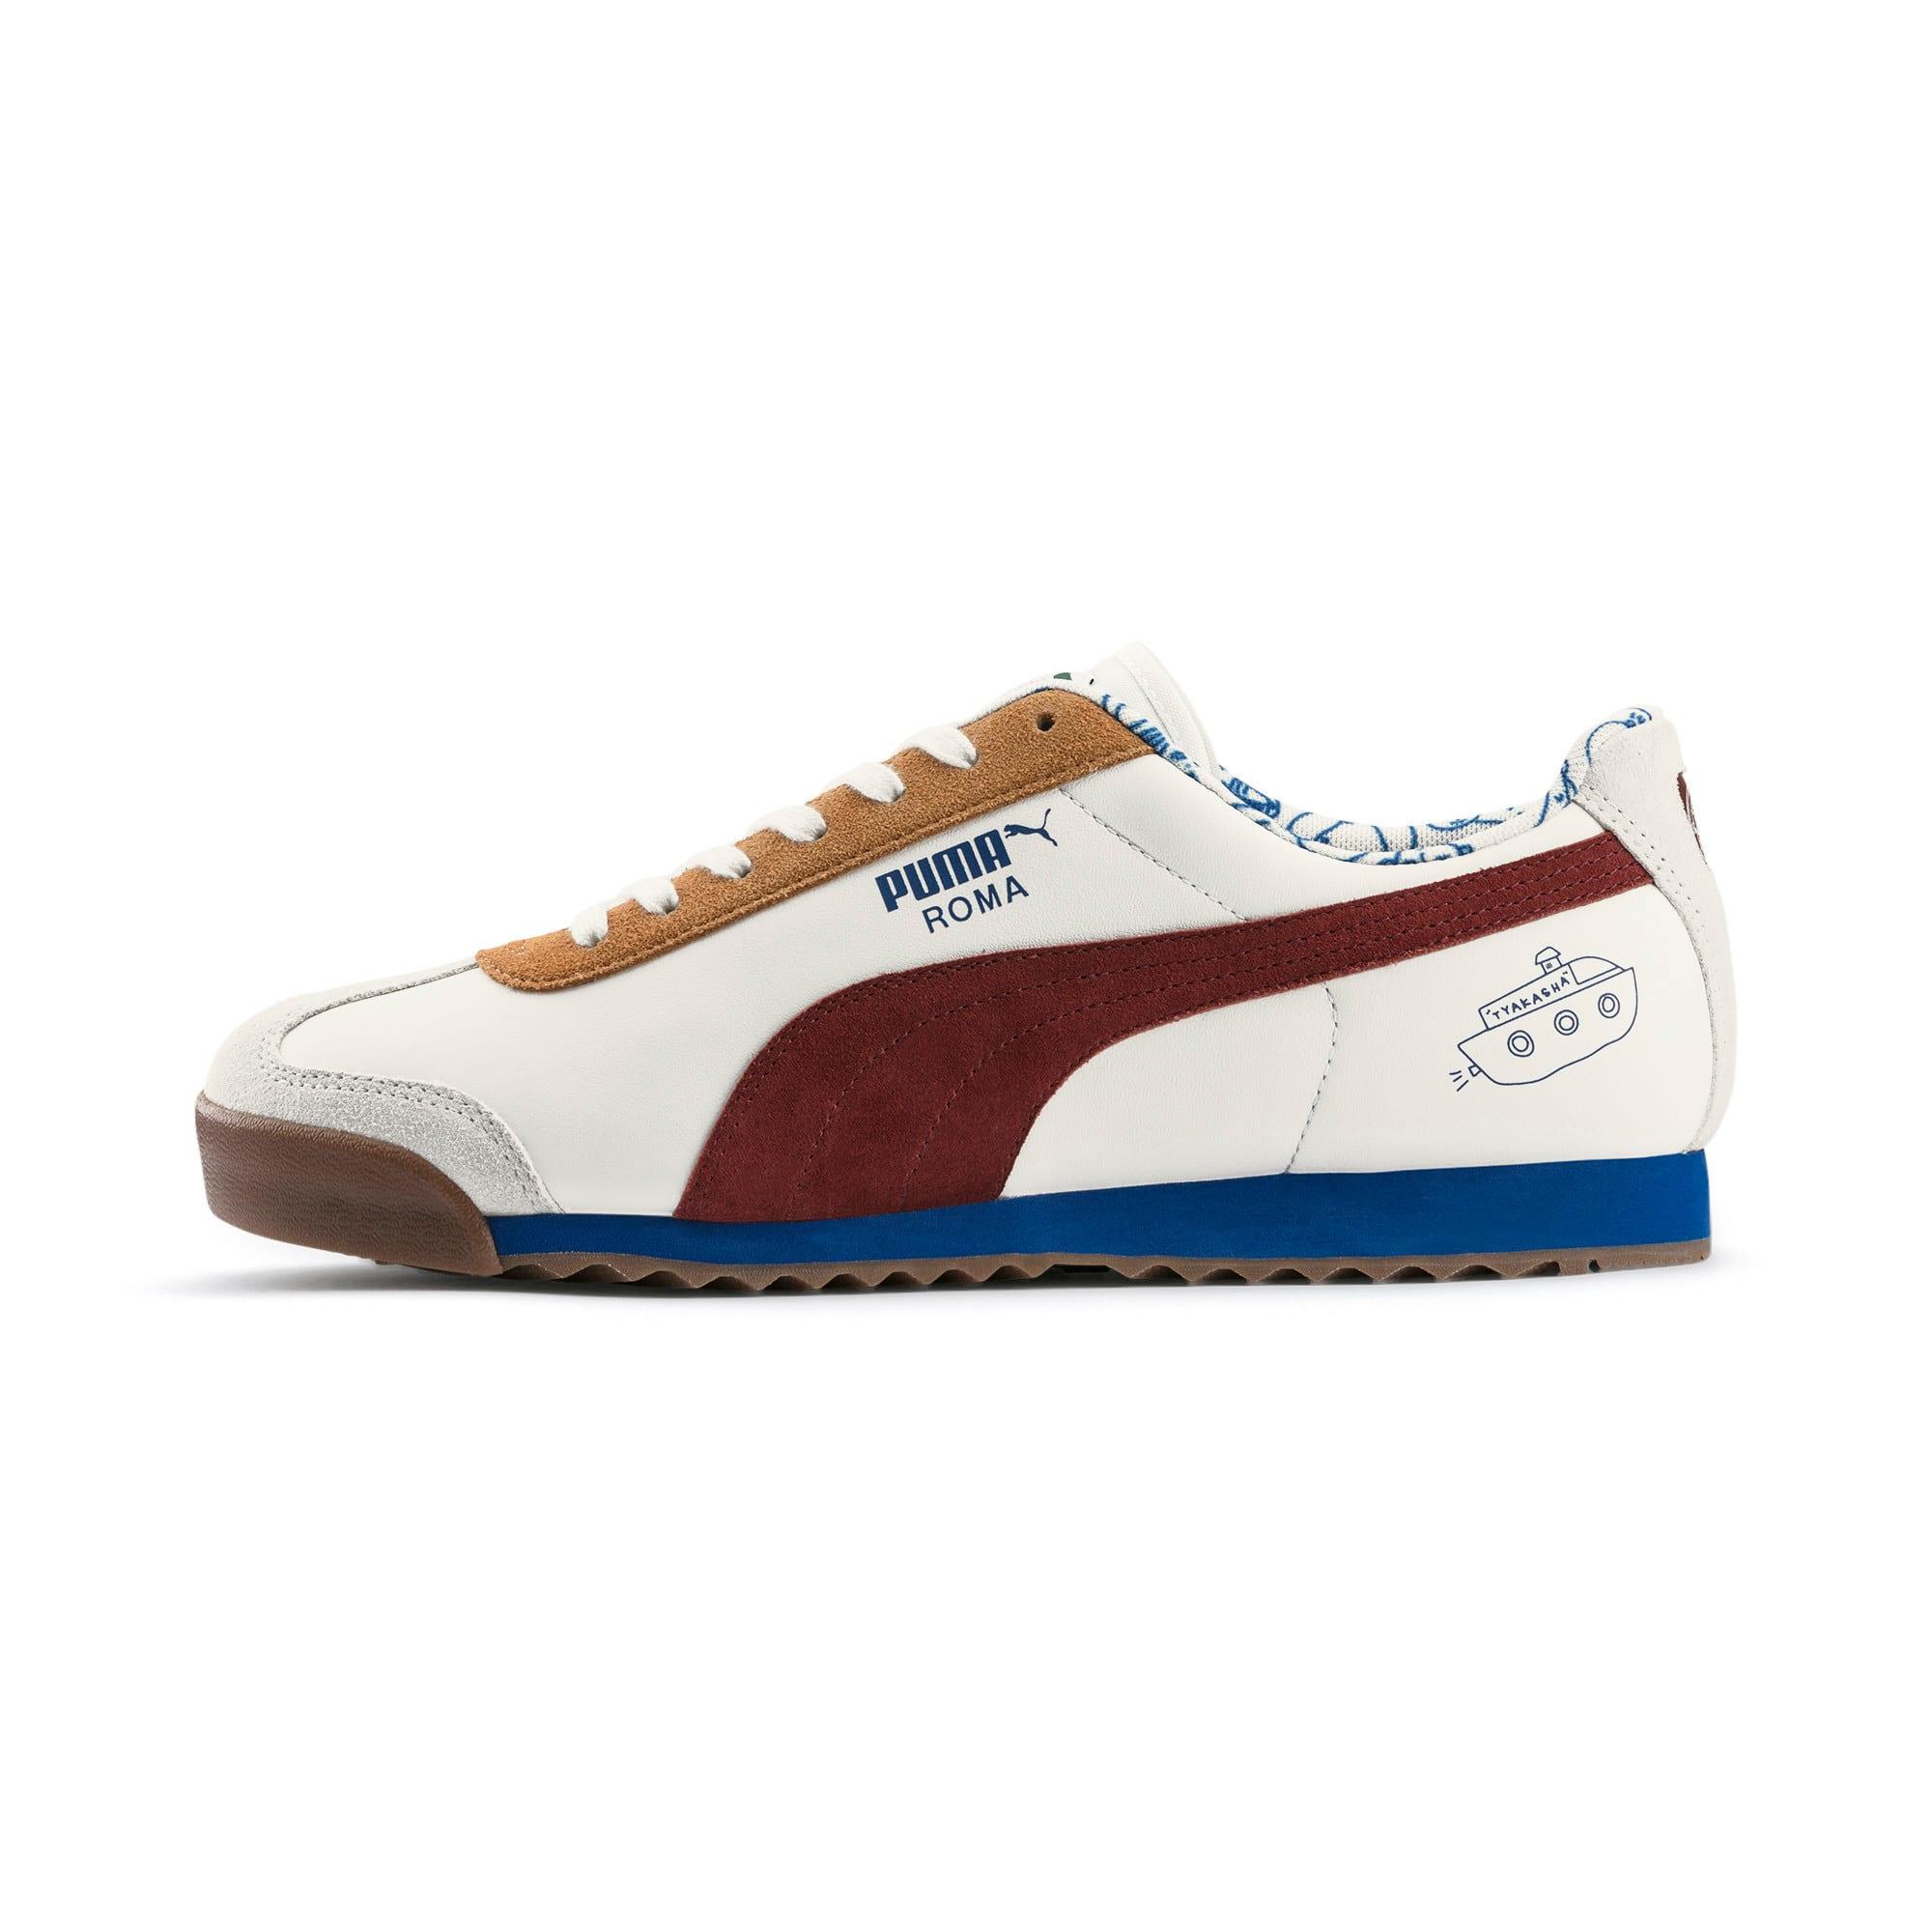 Miniatura 1 de Zapatos deportivos Roma PUMA x TYAKASHA , Marshmallow-Fired Brick, mediano